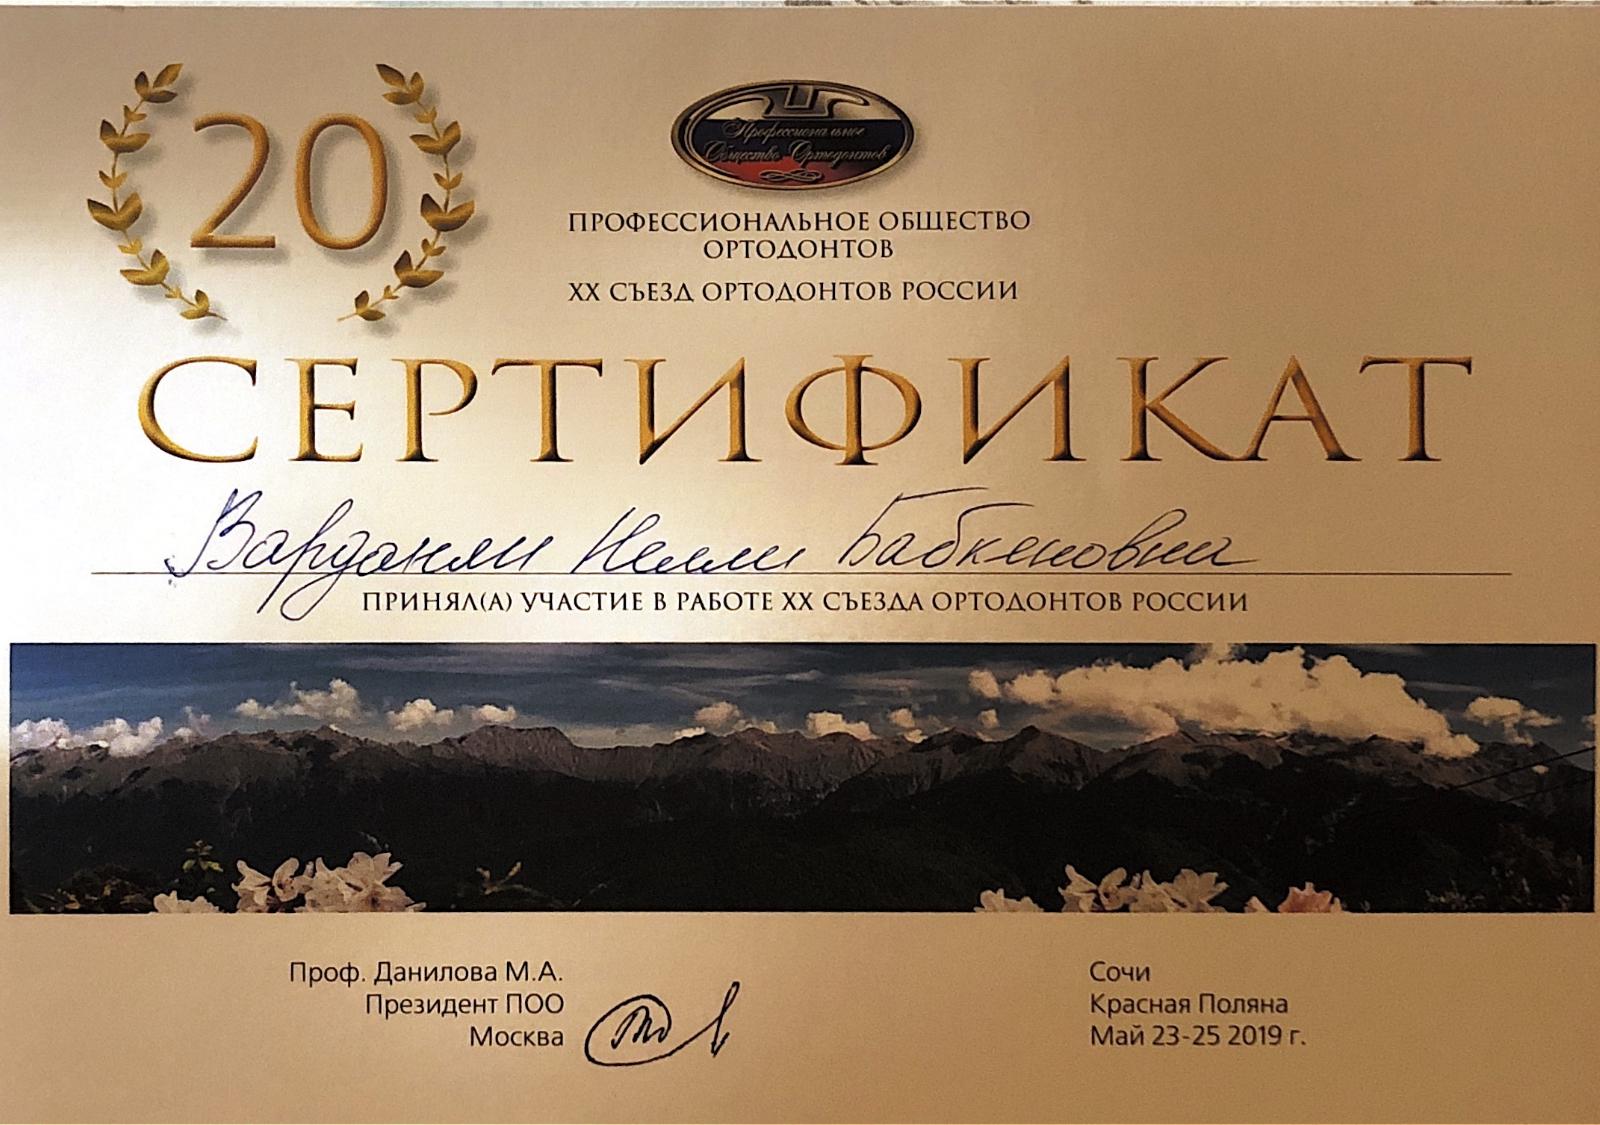 Варданян Нелли Бабкеновна-Сертификат_04